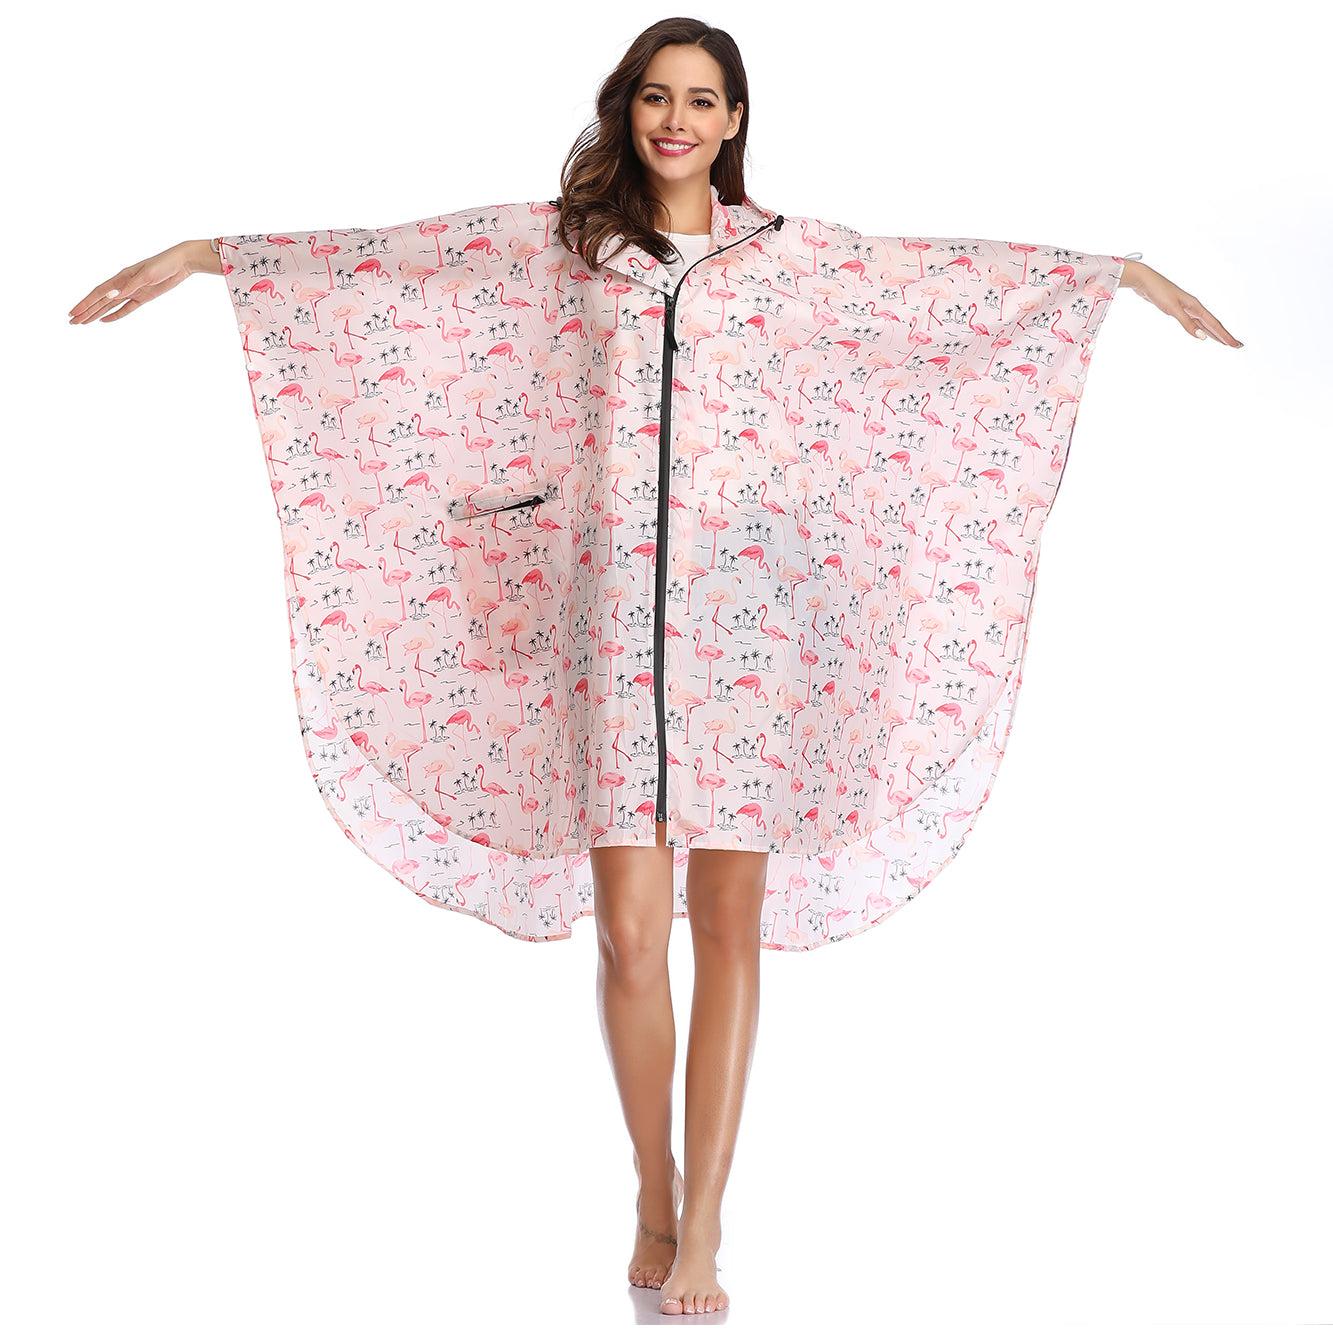 Flamingo raincoats